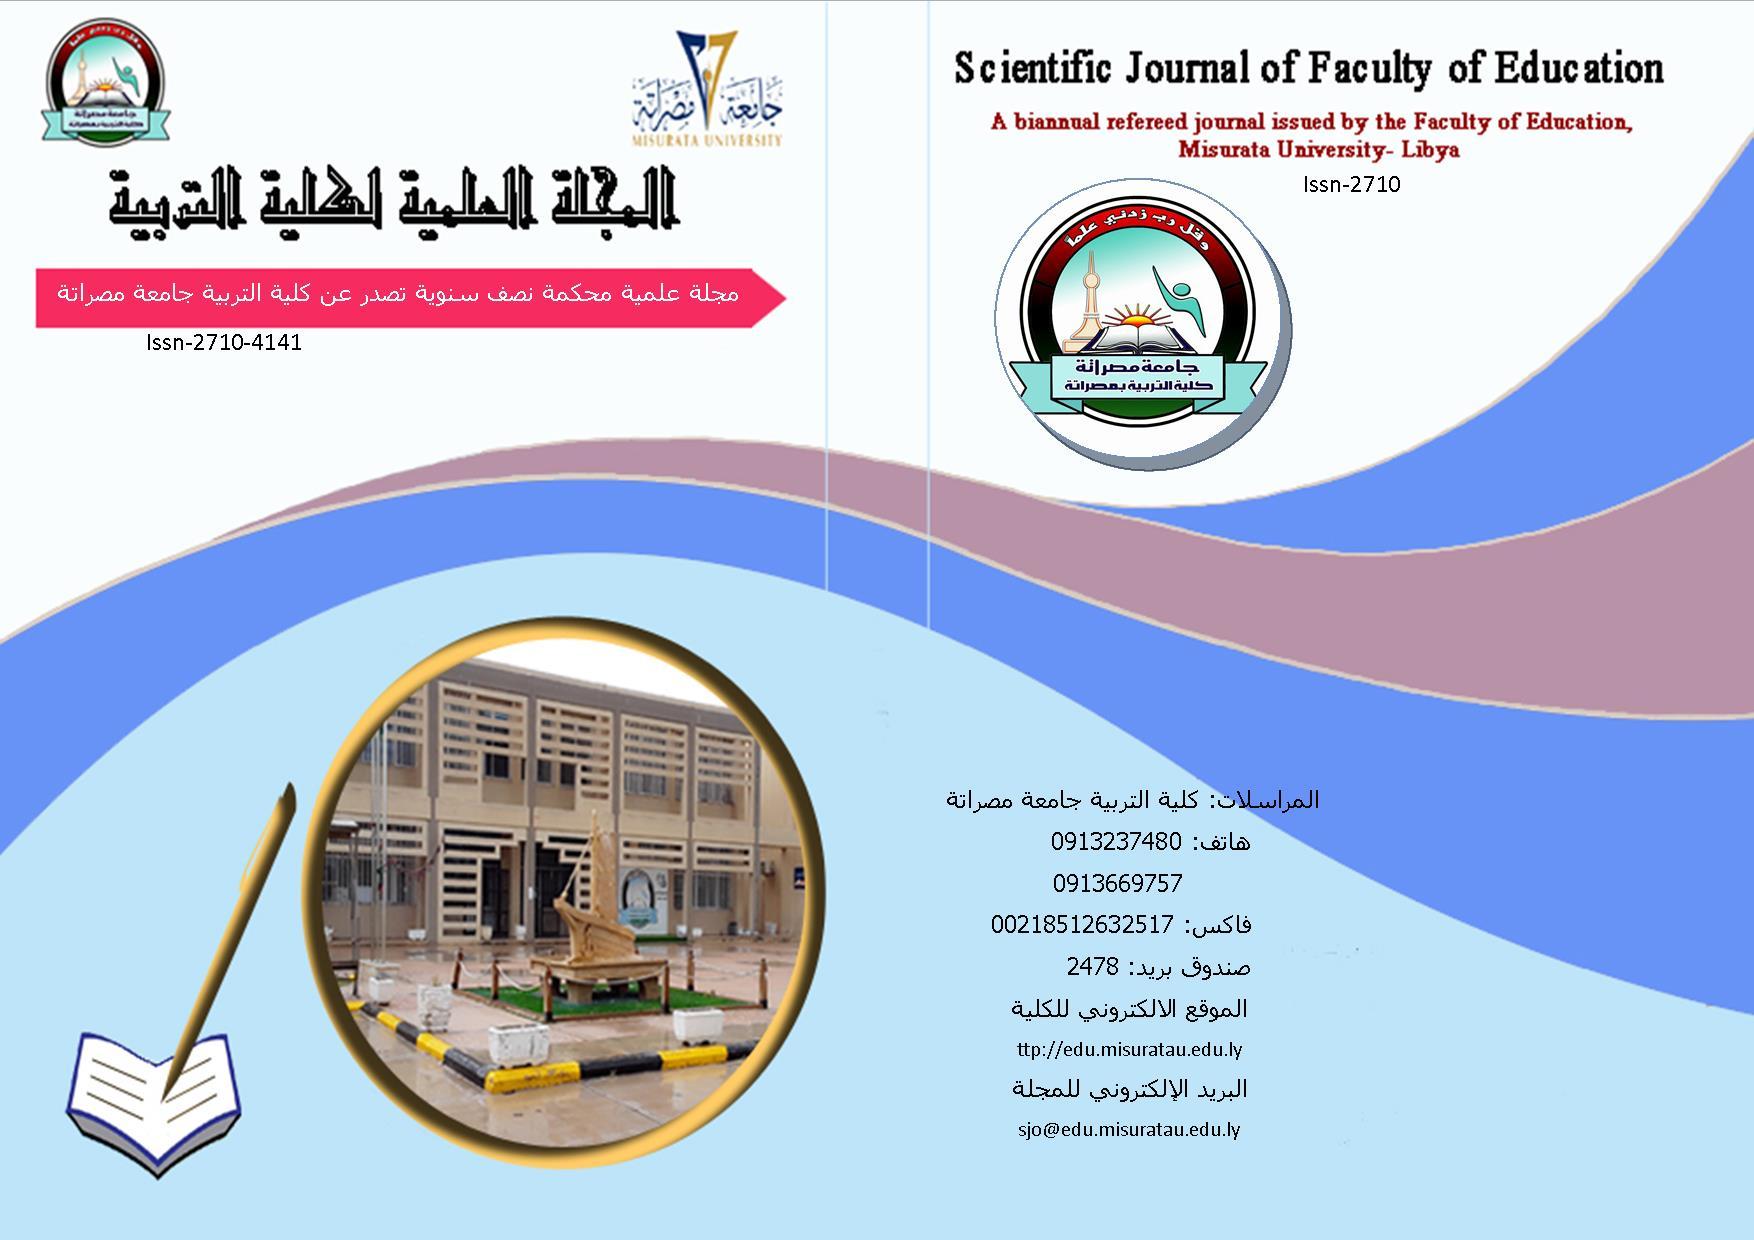 المجلة العلمية لكلية التربية Cover